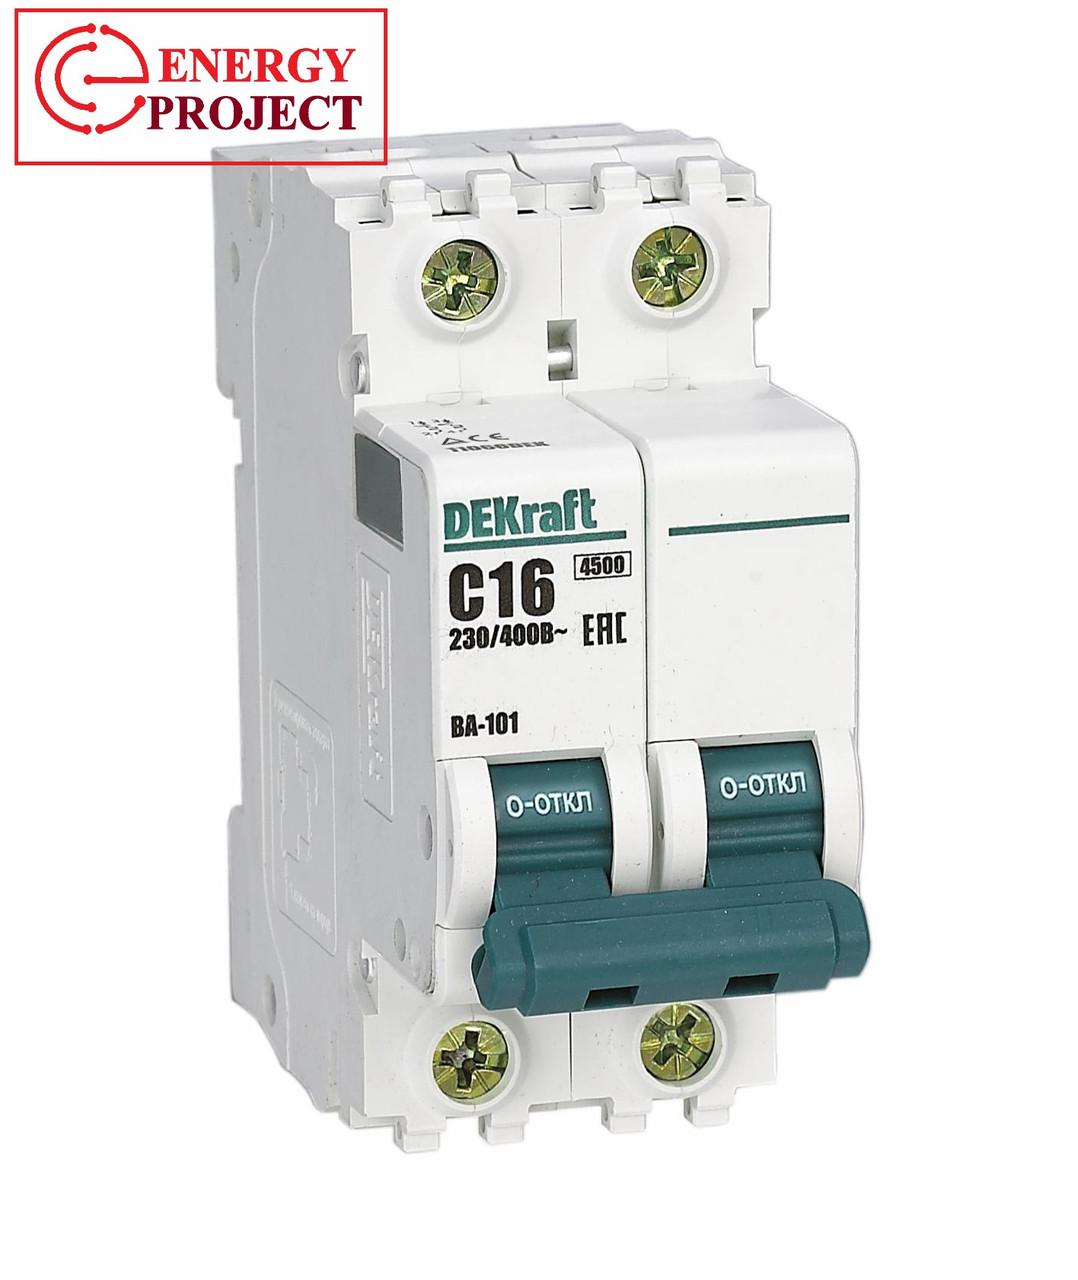 Автоматический выключатель ВА 101 1П 2А(114) Dekraft